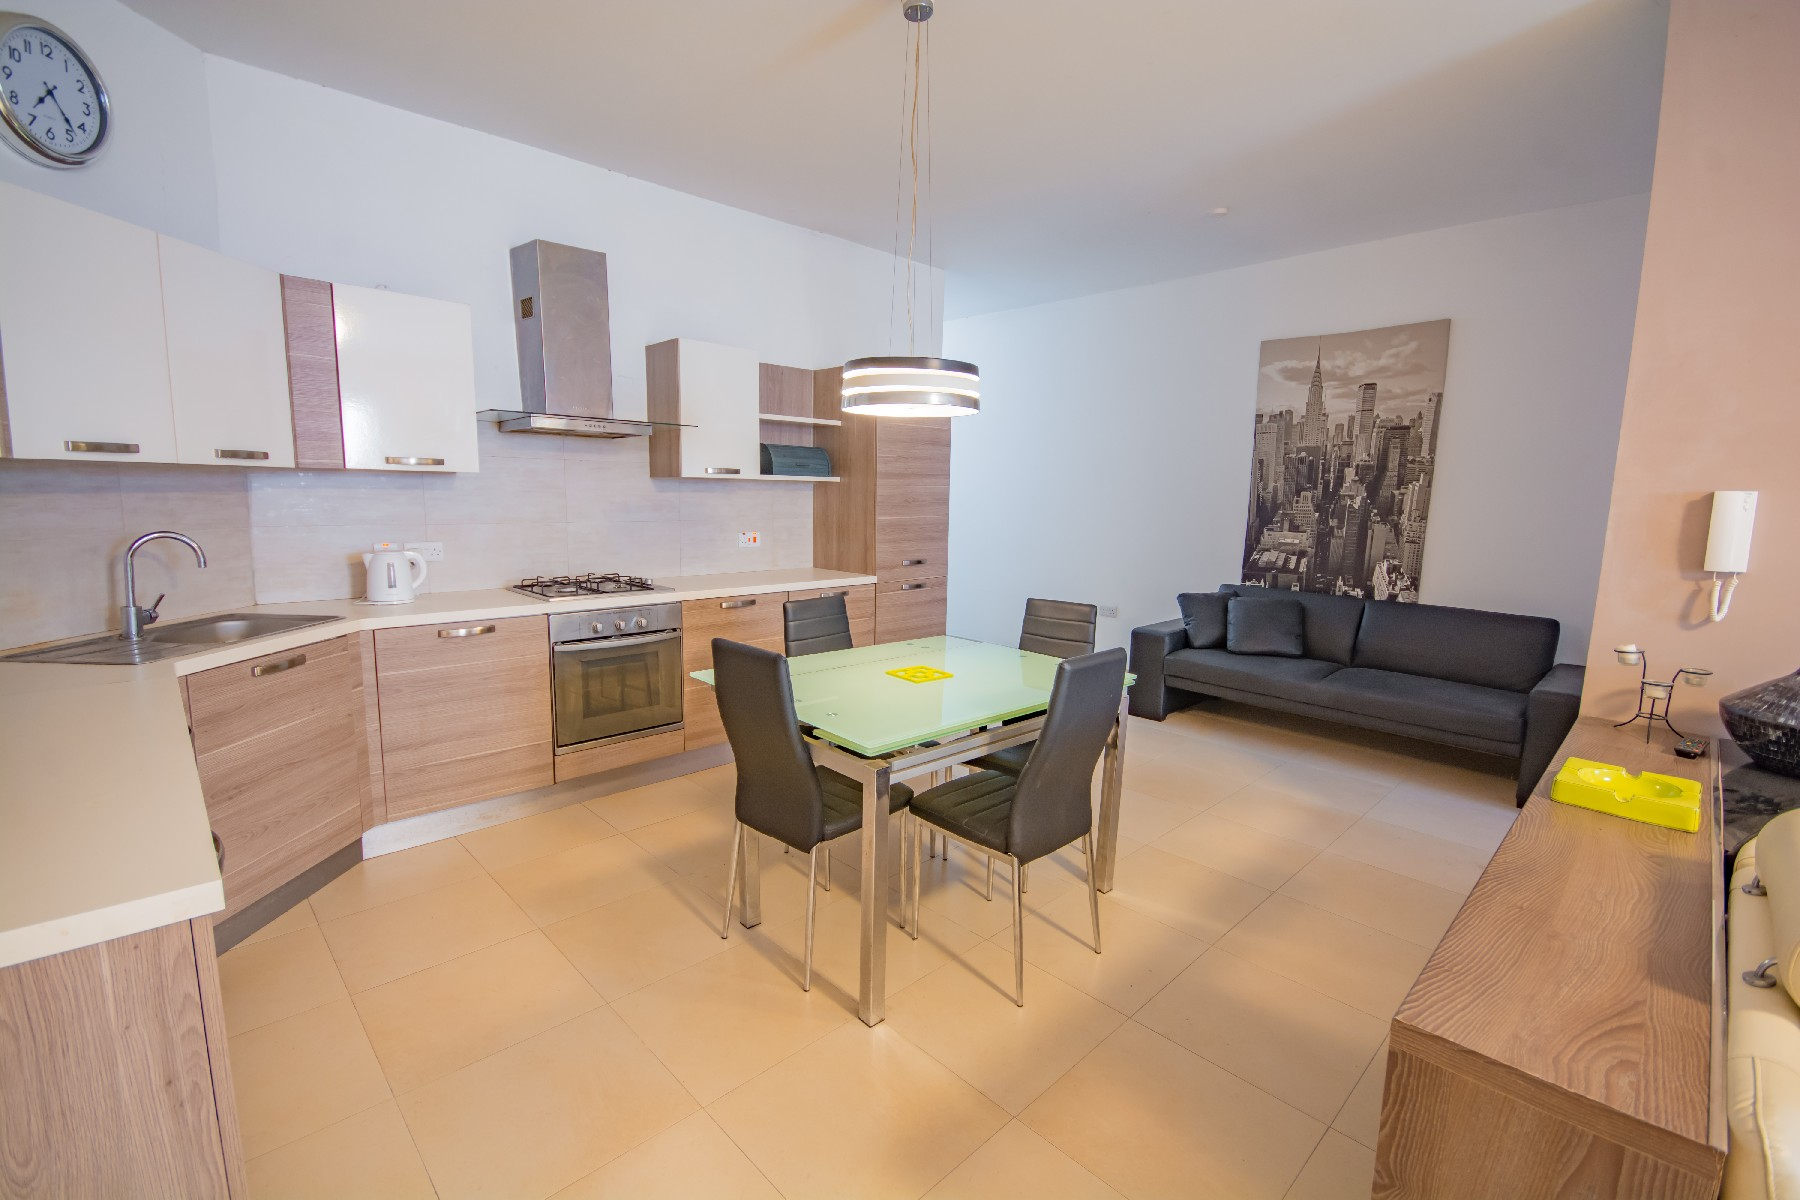 Single Family Home for Rent at Ground Floor Maisonette Swieqi, Malta